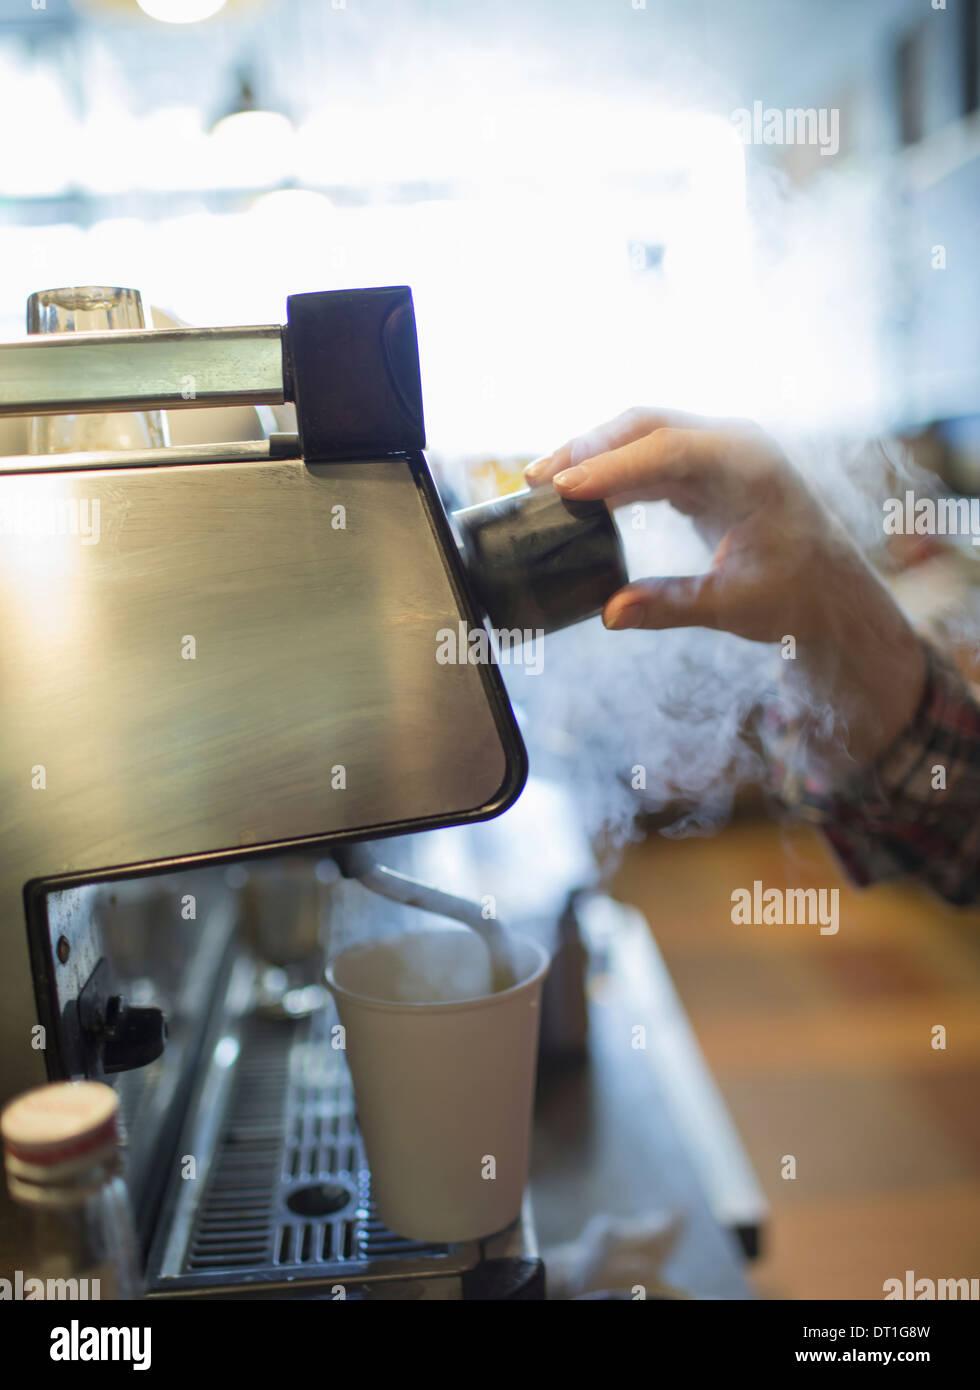 Una persona barista hacer café y espuma de leche utilizando un tubo de vapor Coffee shop Imagen De Stock